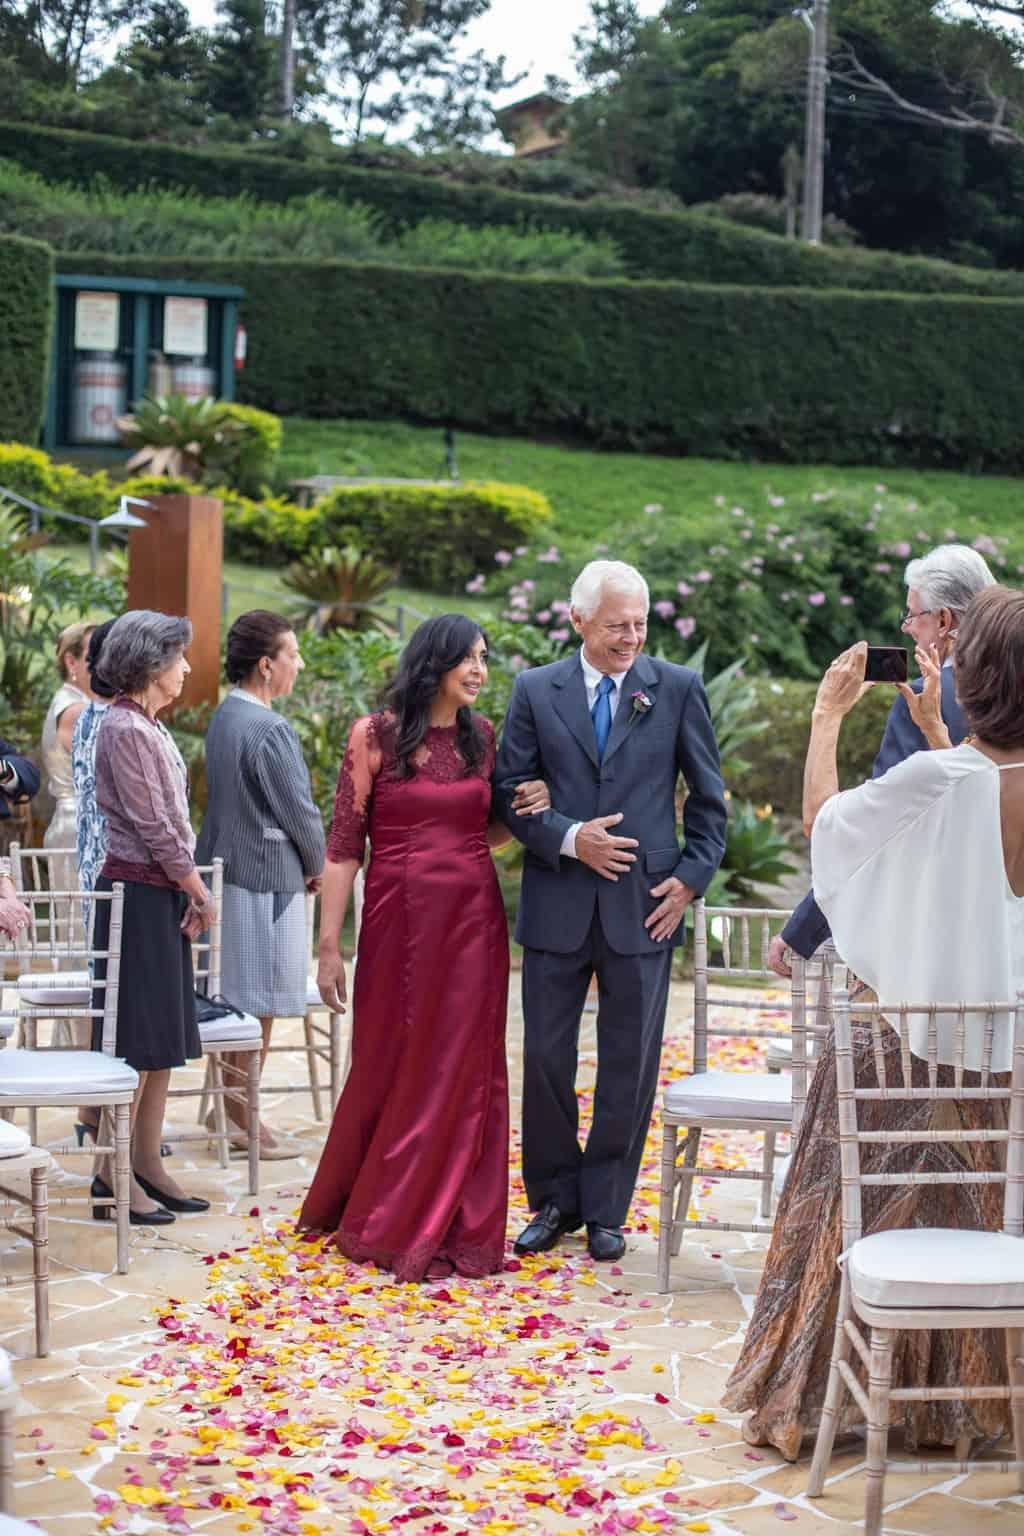 casamento-na-serra-cerimonia-ao-ar-livre-entrada-dos-padrinhos-Fotografia-Laura-Campanella-graviola-filmes-Juliana-e-Sebastian-Pousada-La-Belle-Bruna35